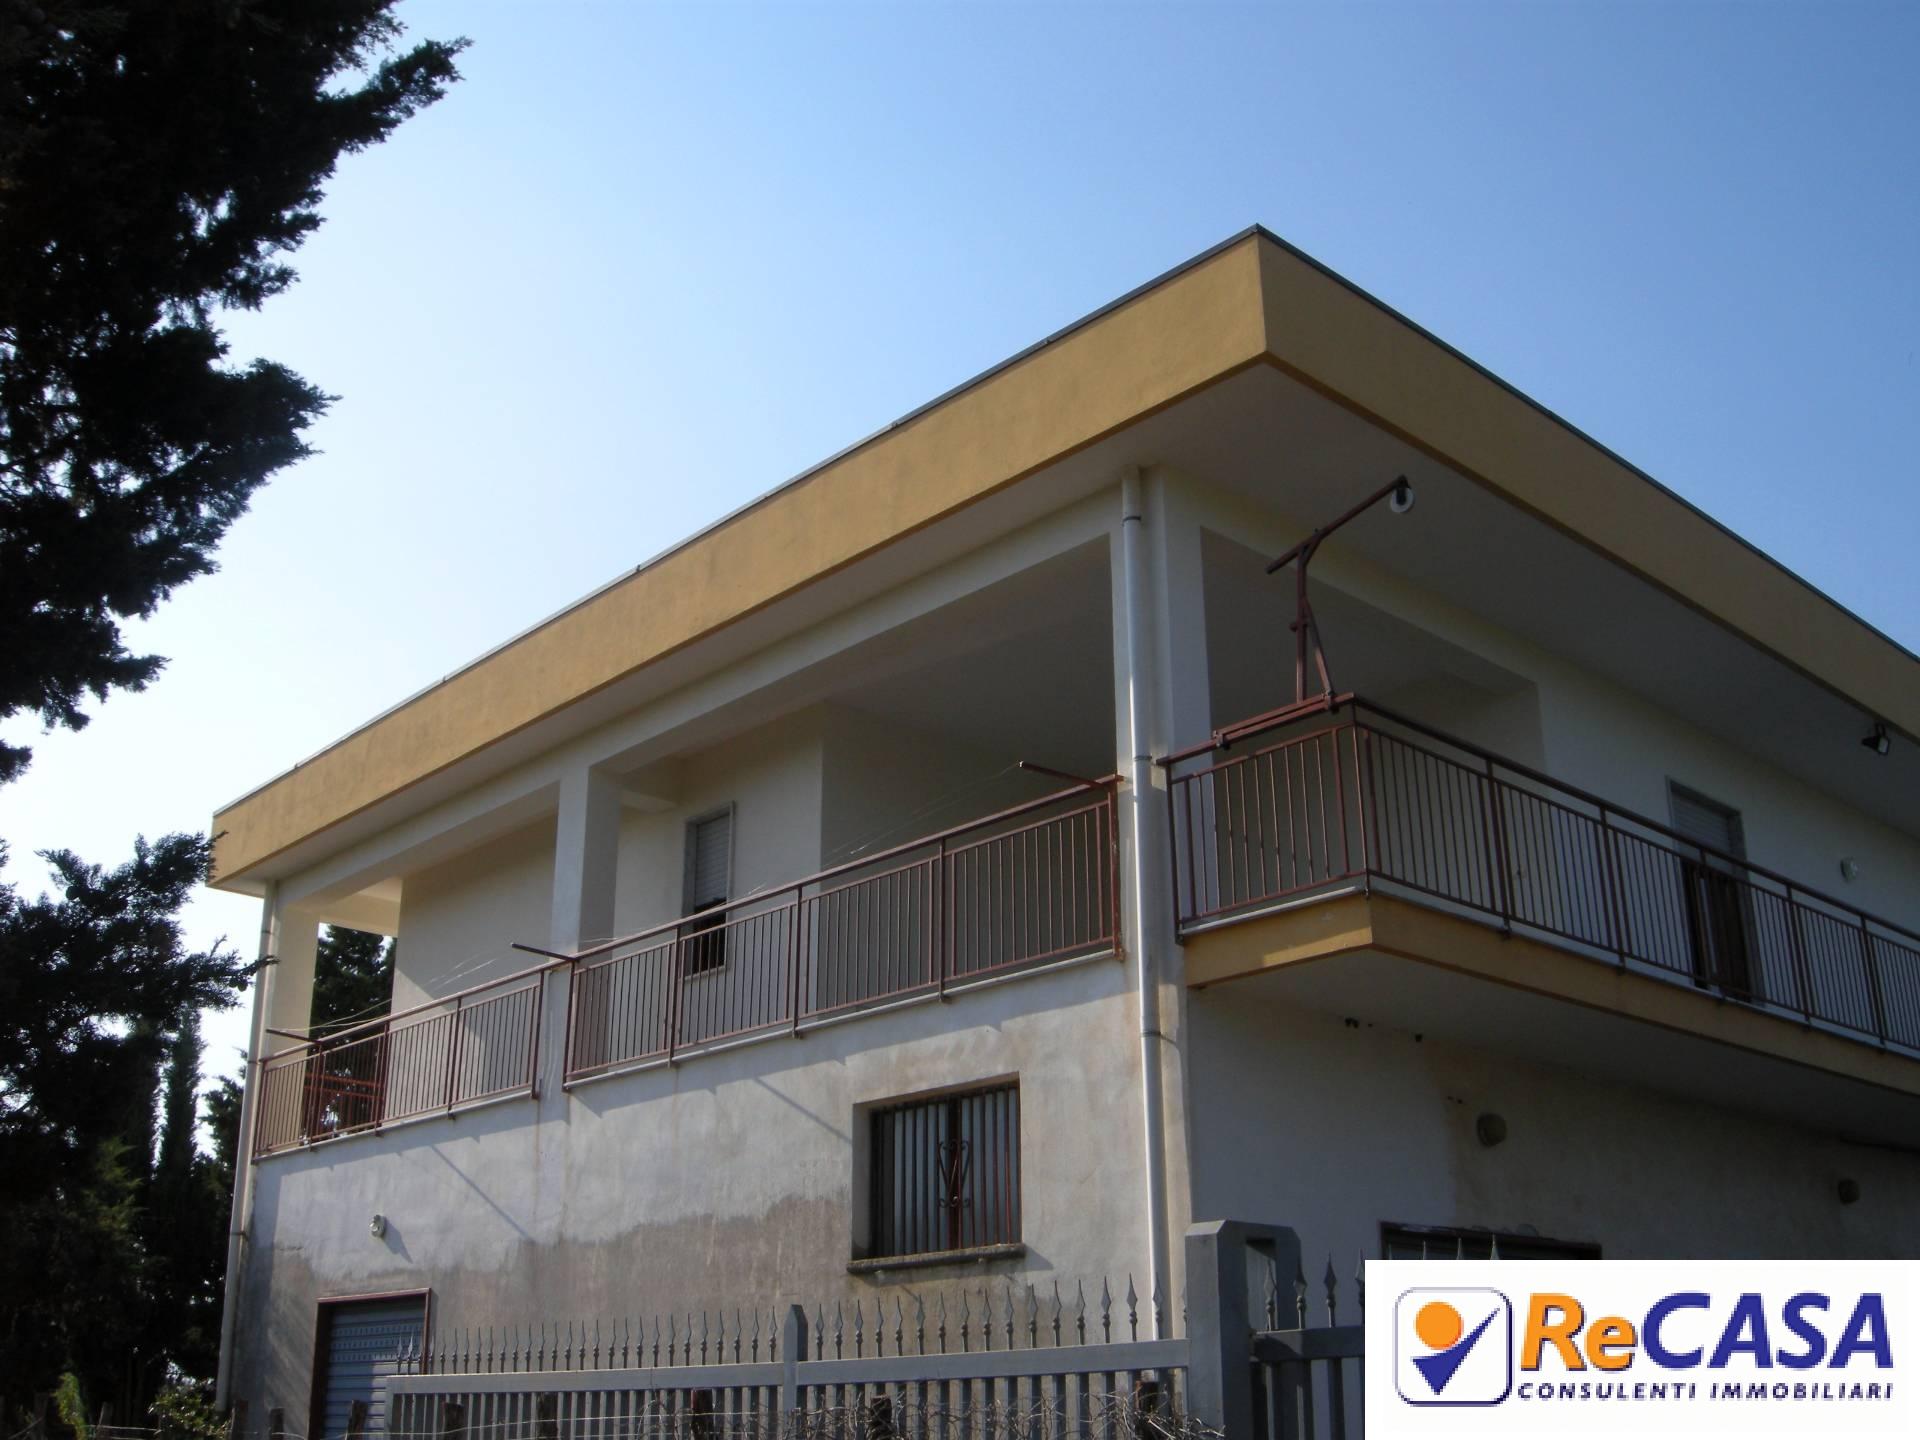 Appartamento in affitto a Bellizzi, 3 locali, zona Località: Viaindustrie-Commercio, prezzo € 450   CambioCasa.it